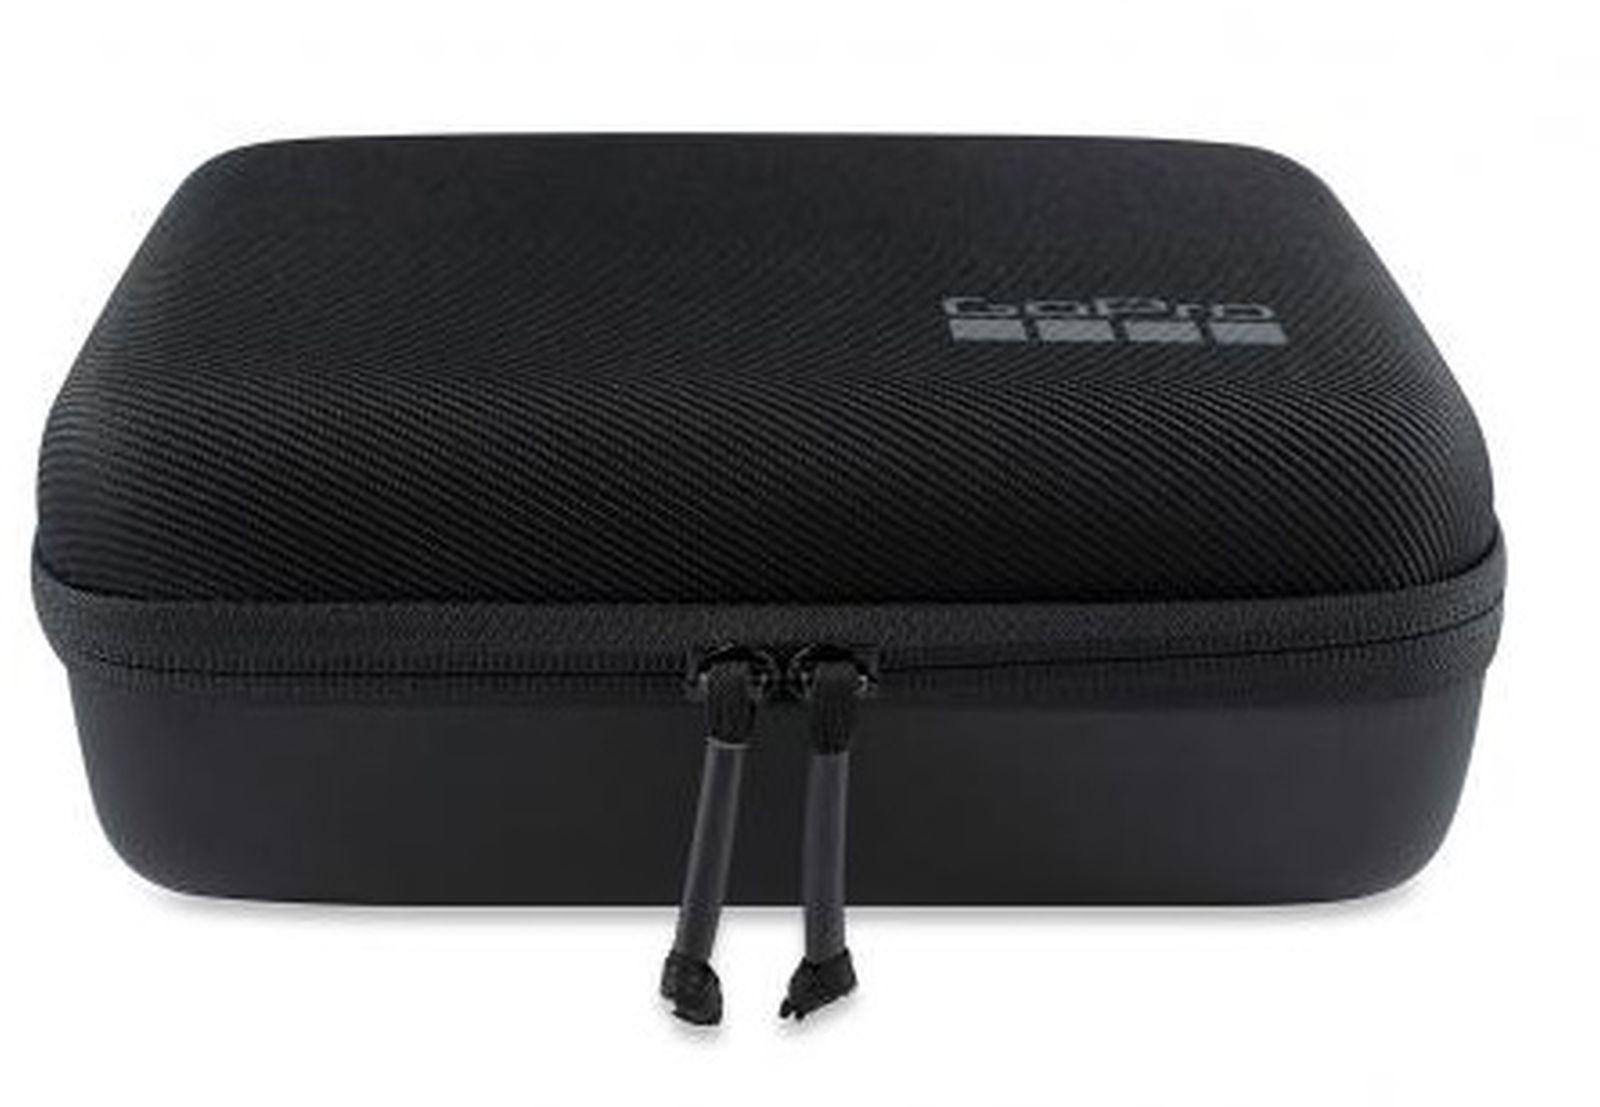 CASEY - Valigetta per Camera , Accessori e Ricambi